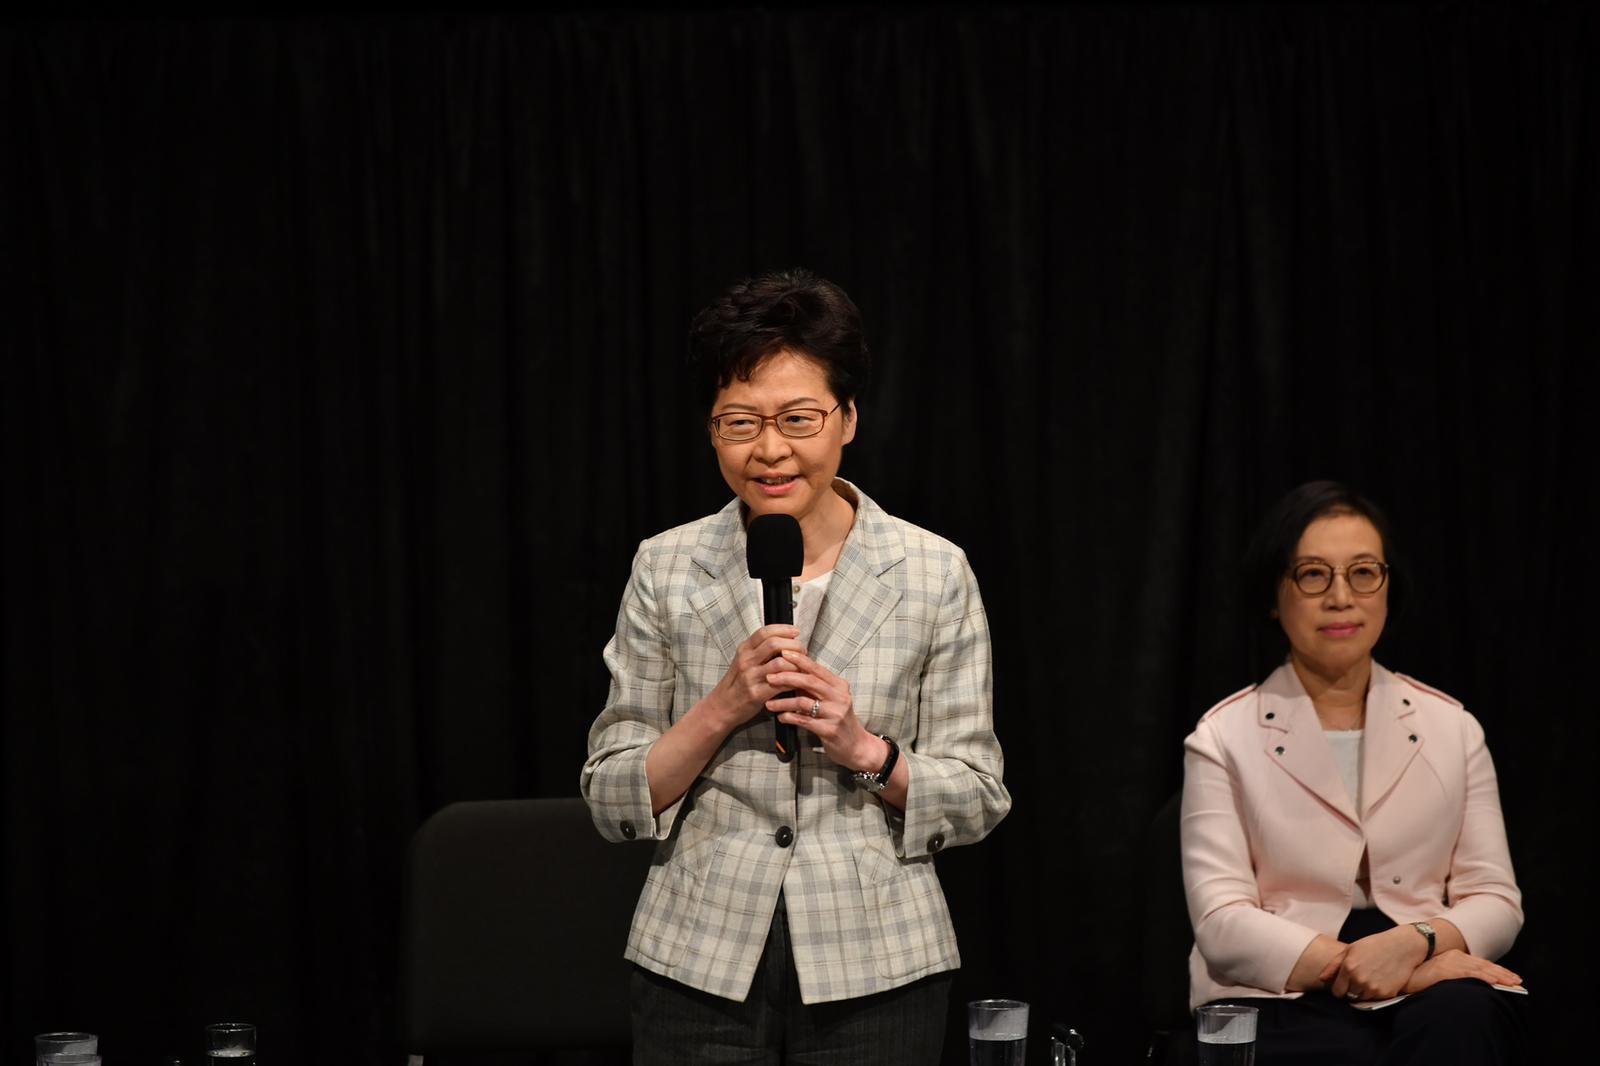 【修例风波】林郑:现时困难比五大诉求更广泛 直接对话令港变更好